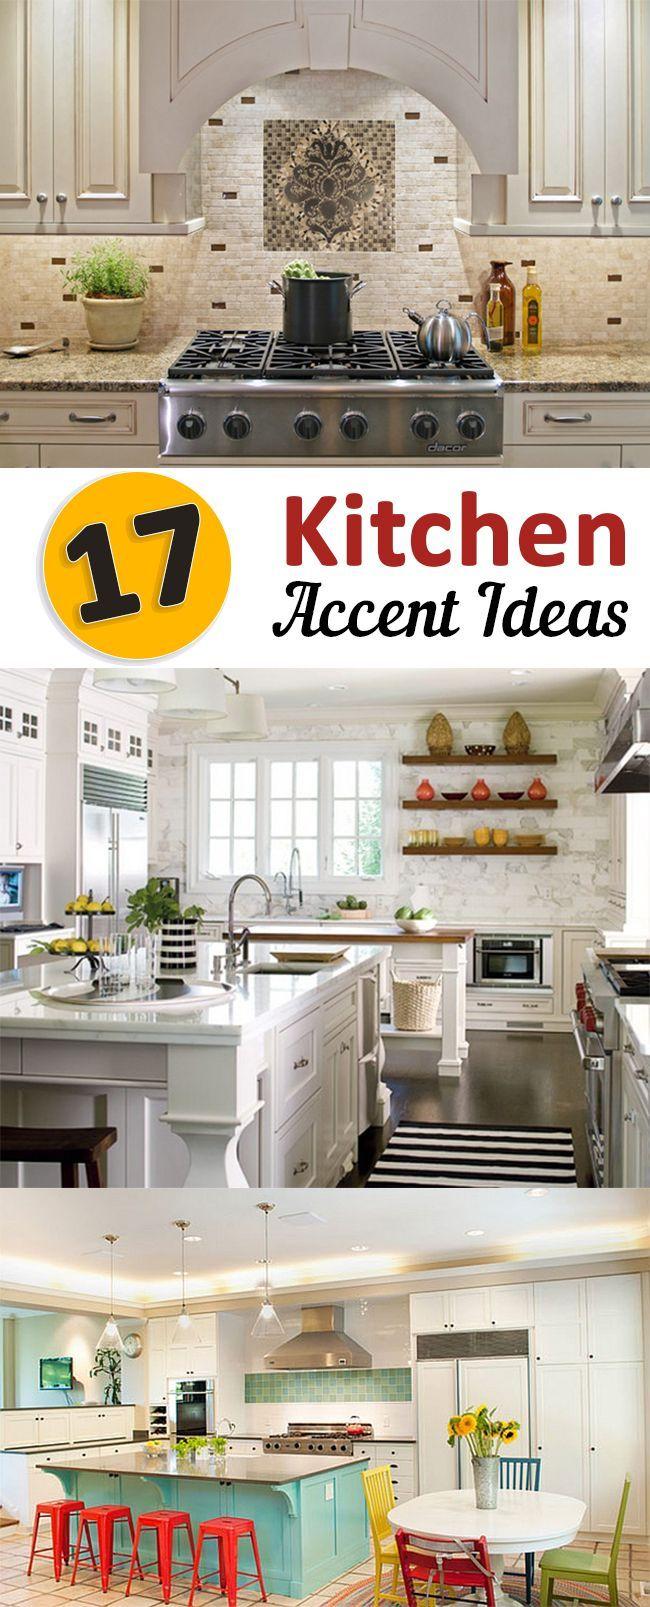 Nett Bauen Sie Ihre Eigenen Küche Home Depot Galerie - Ideen Für Die ...